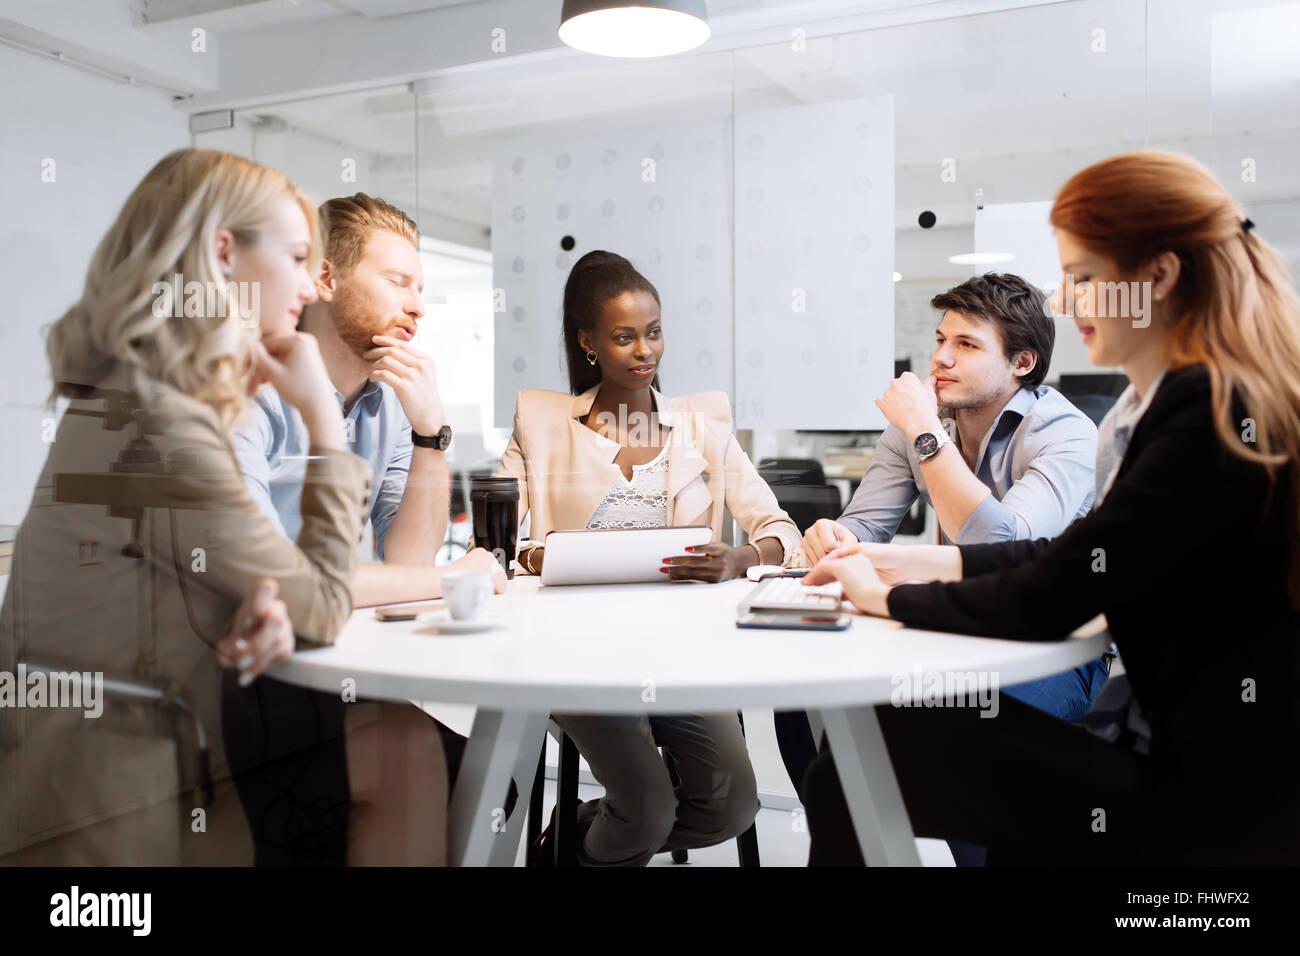 El grupo de gente de negocios sentada en la mesa y debatir nuevas ideas Imagen De Stock